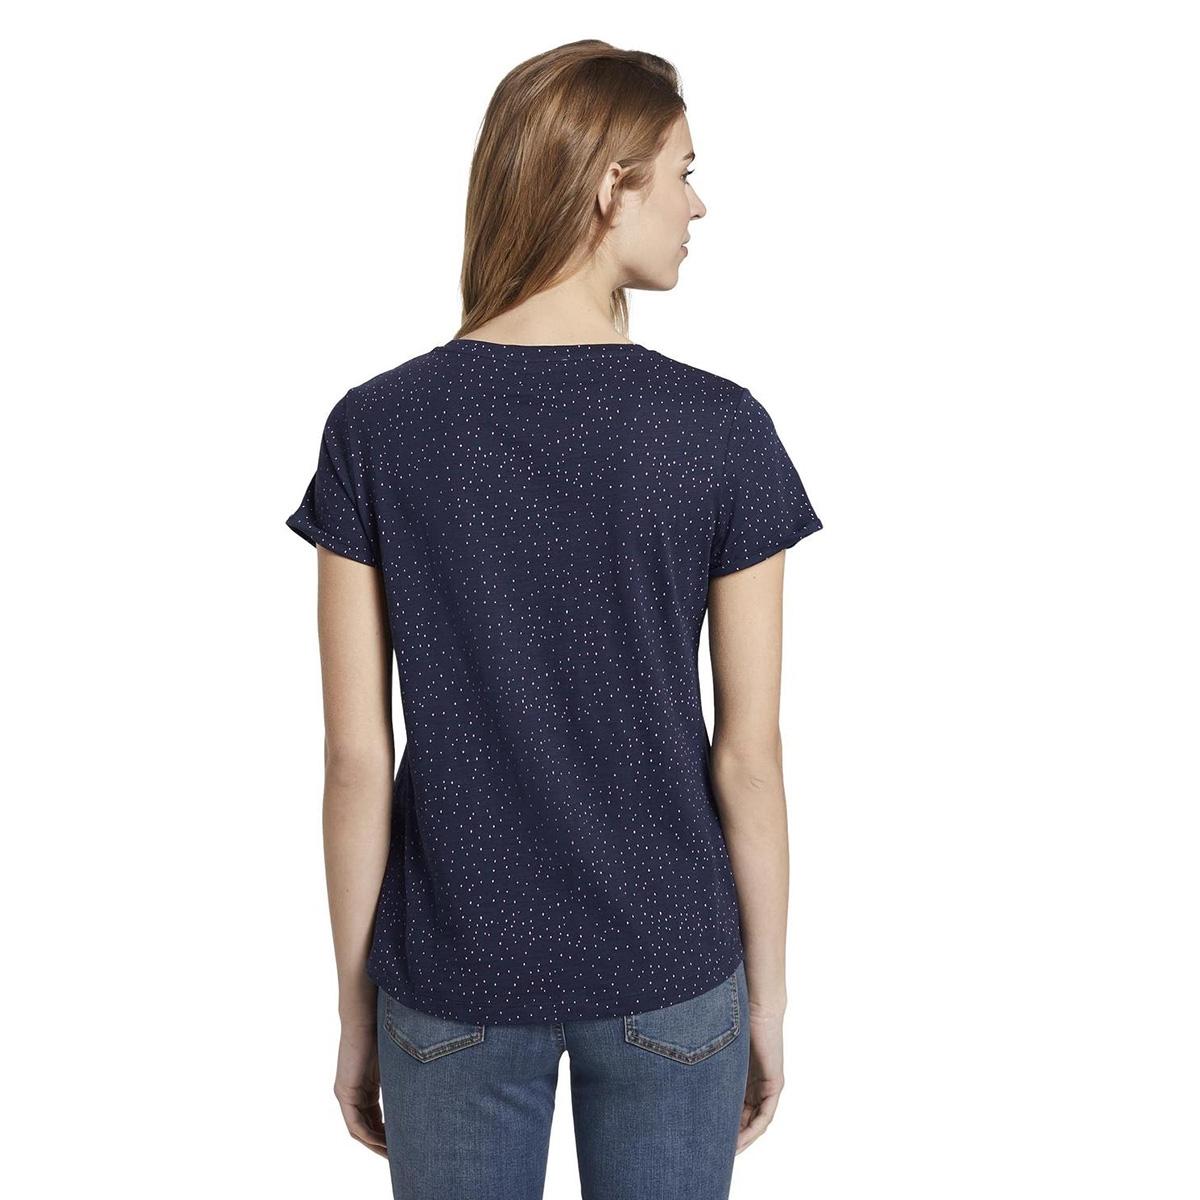 t shirt met stippen 1016434xx71 tom tailor t-shirt 21352